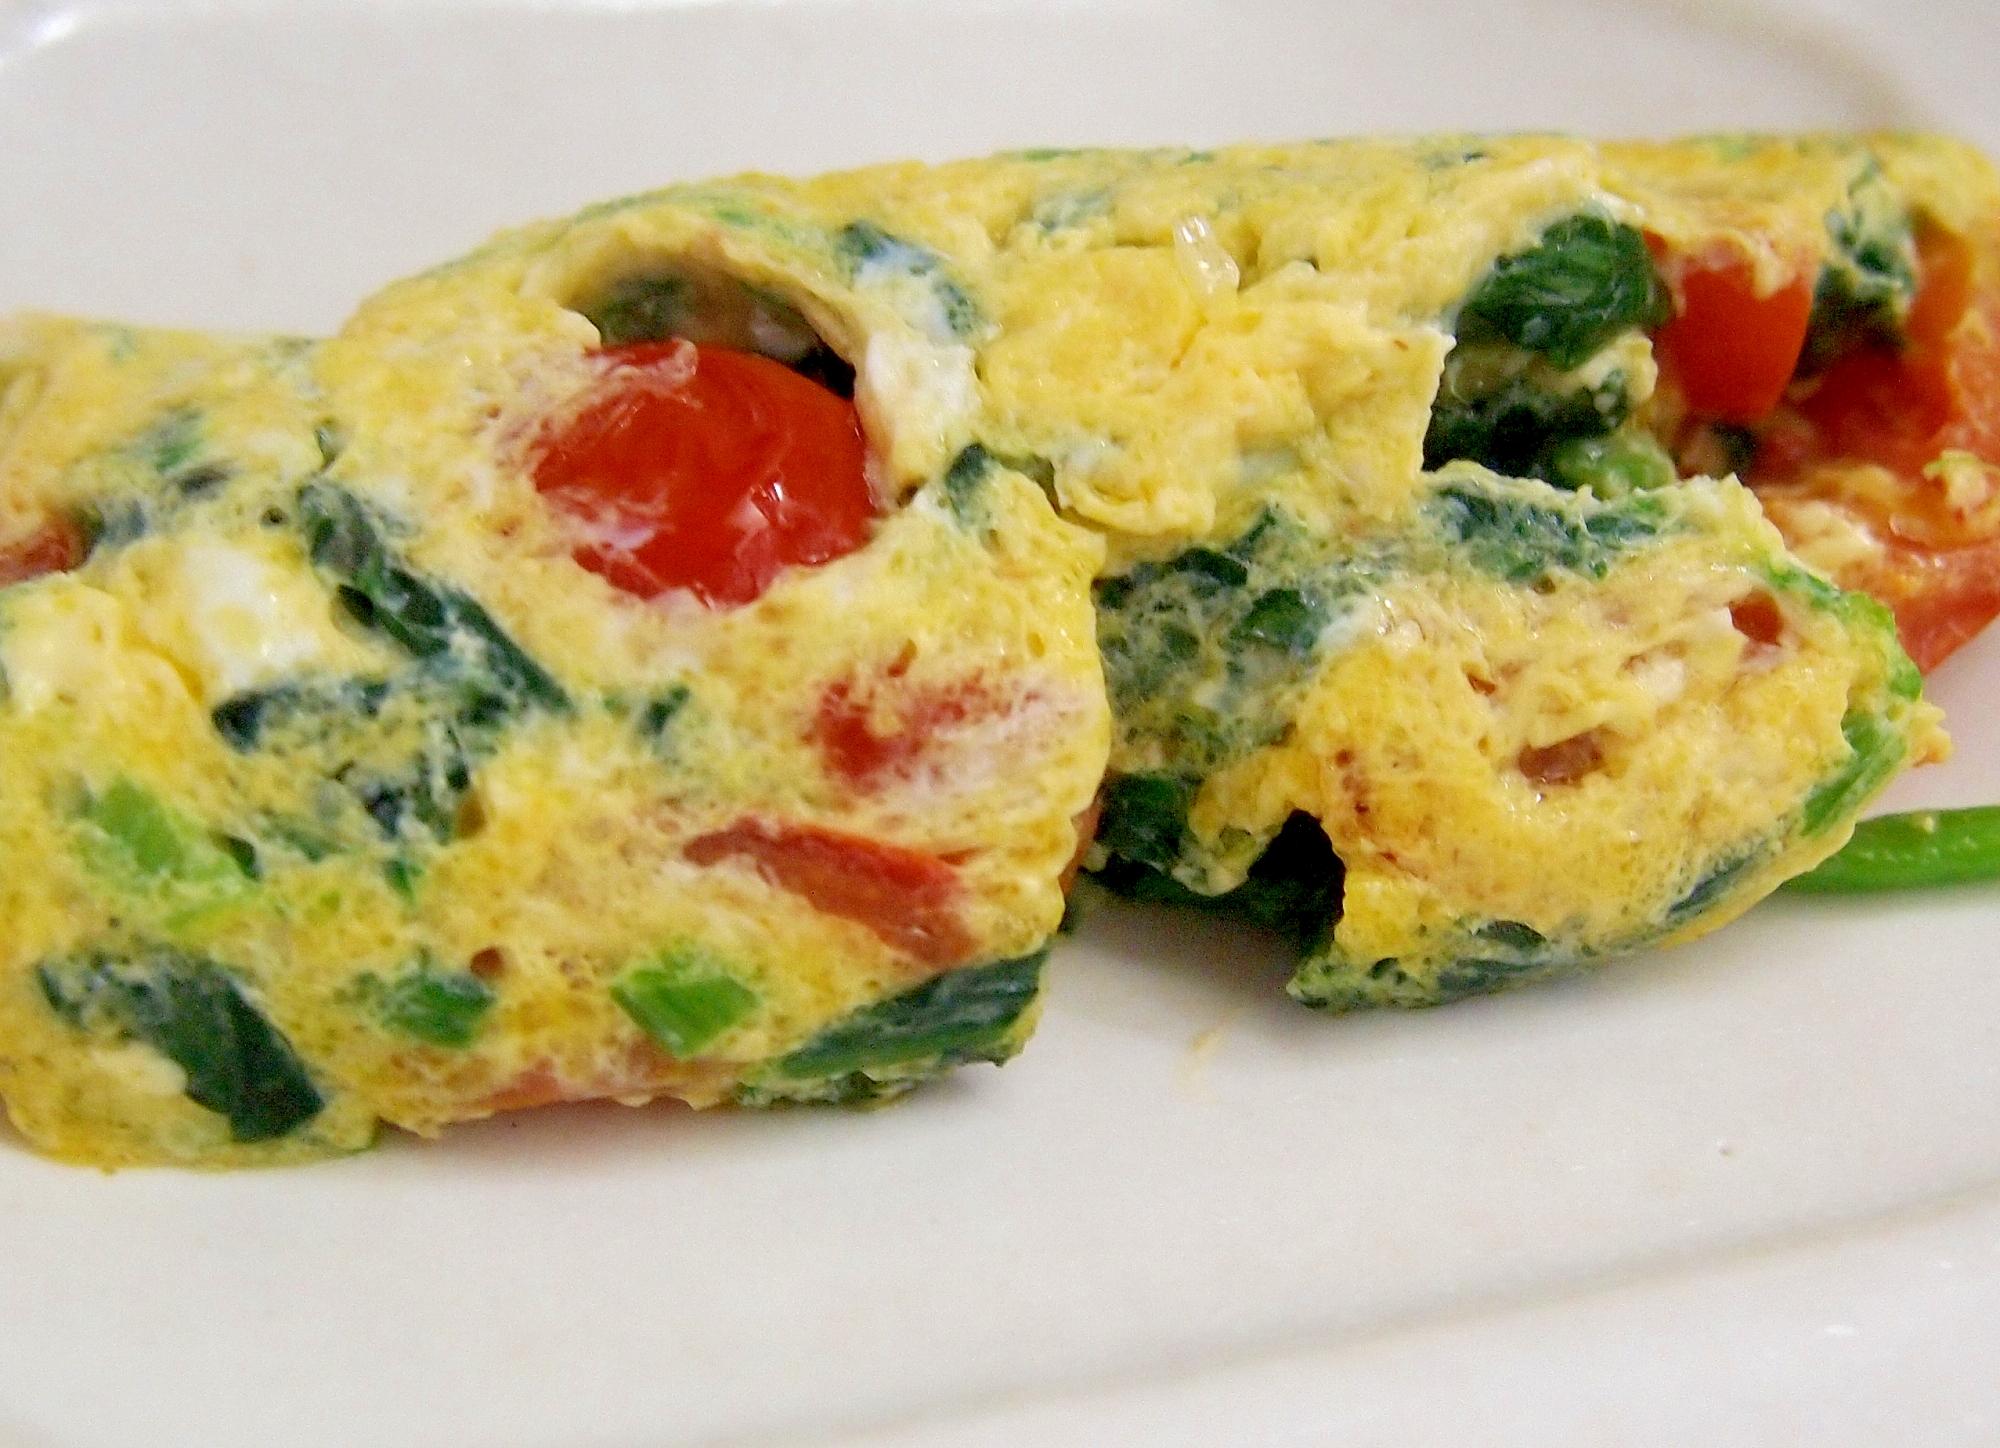 ほうれん草とミニトマトのオムレツ レシピ・作り方 by まるっとまる|楽天レシピ